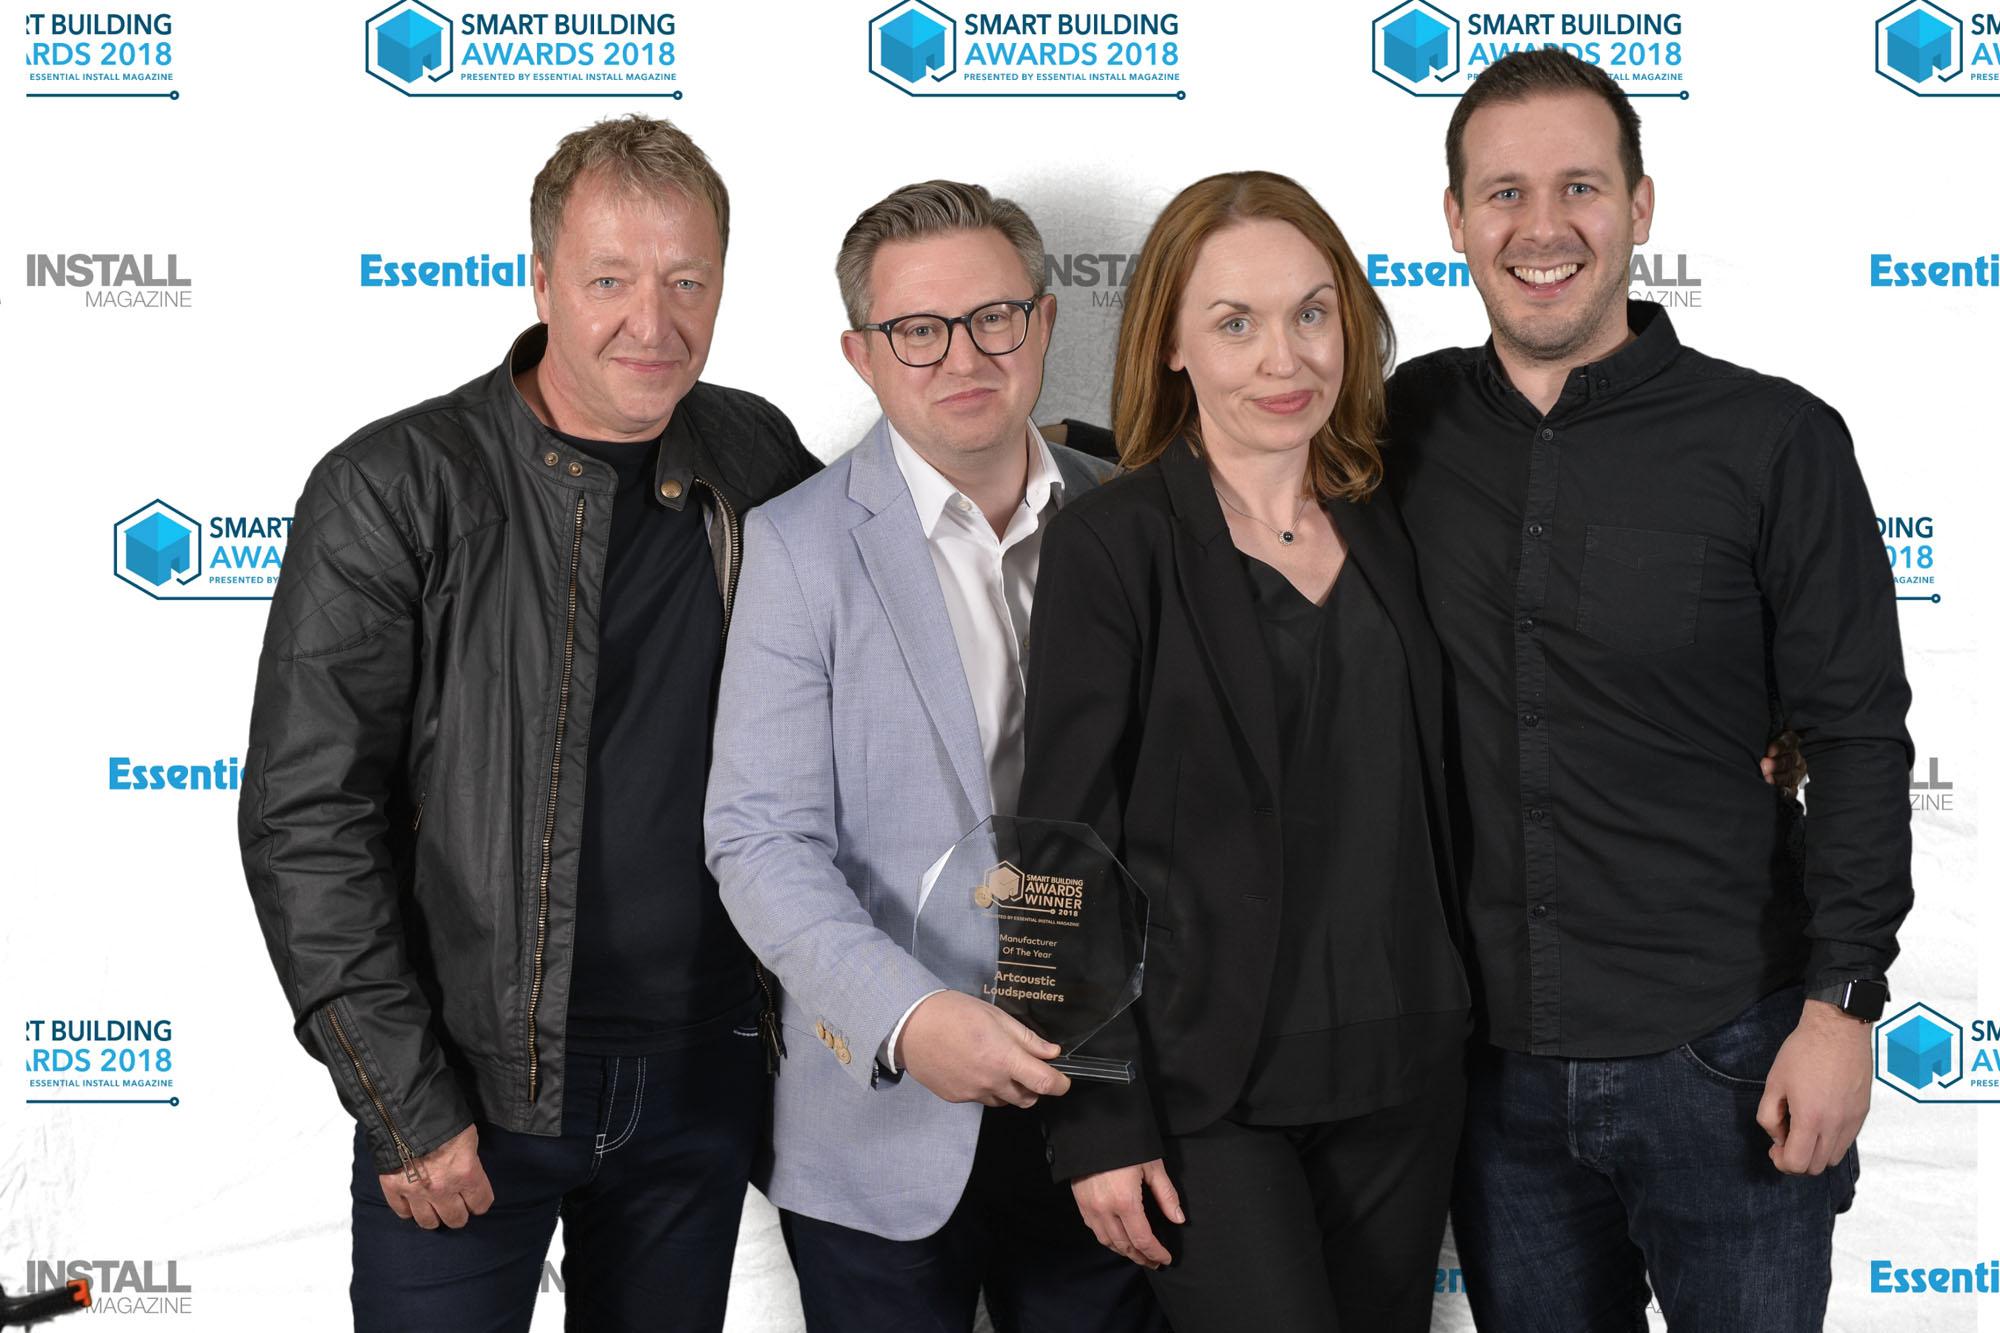 Smart_Building_Awards_2018_119.jpg